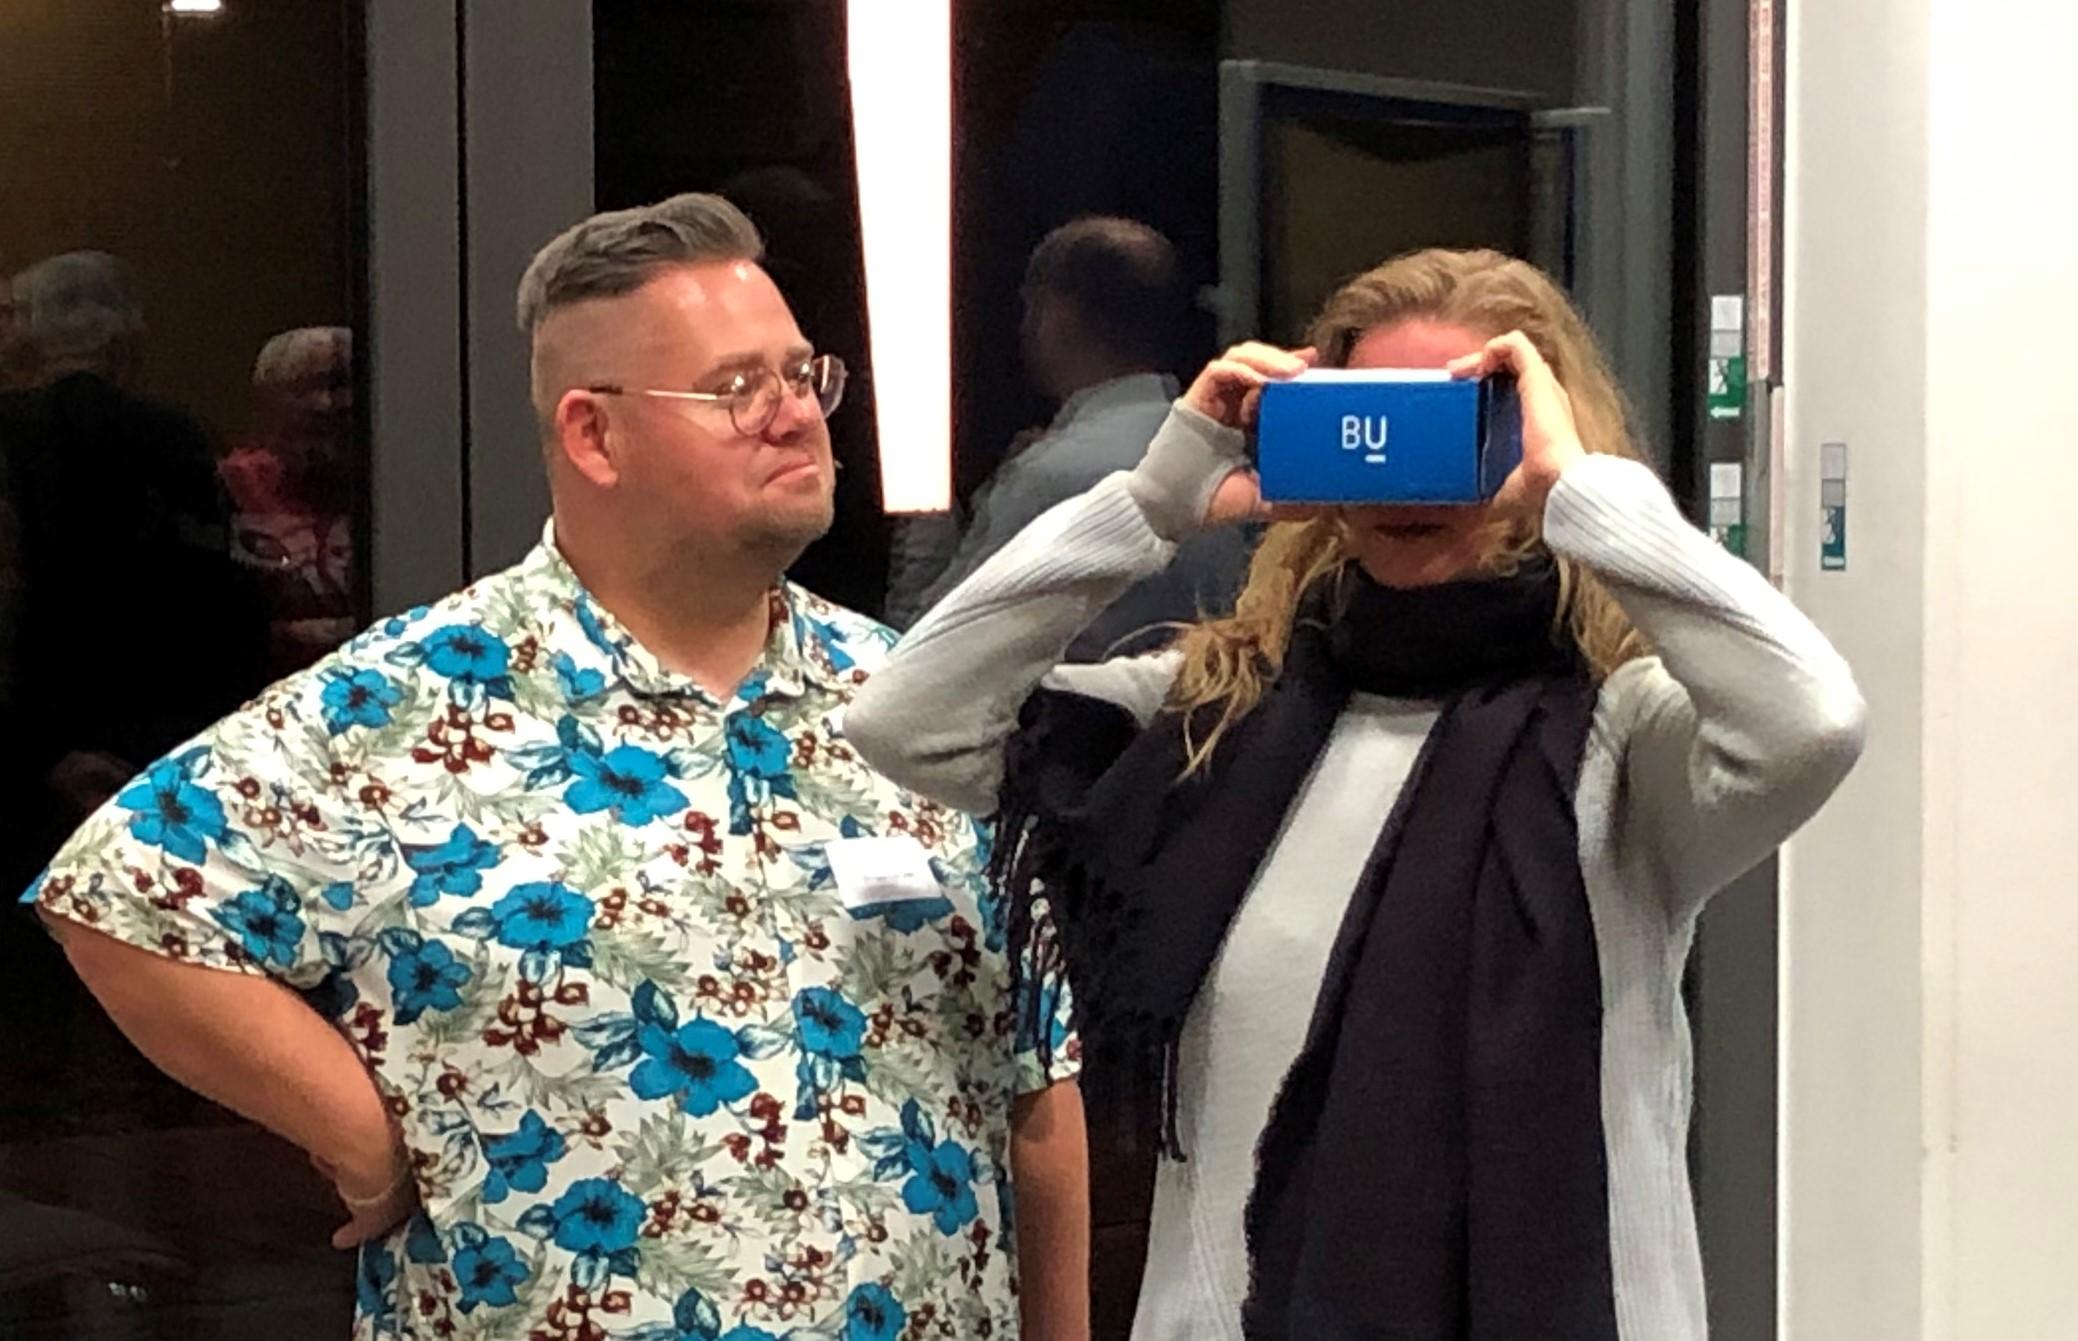 Bürgerinnen und Bürger erlebten 360°-Rundblicke mithilfe von Cardboards und Smartphone | Foto: Stadt Remseck am Neckar